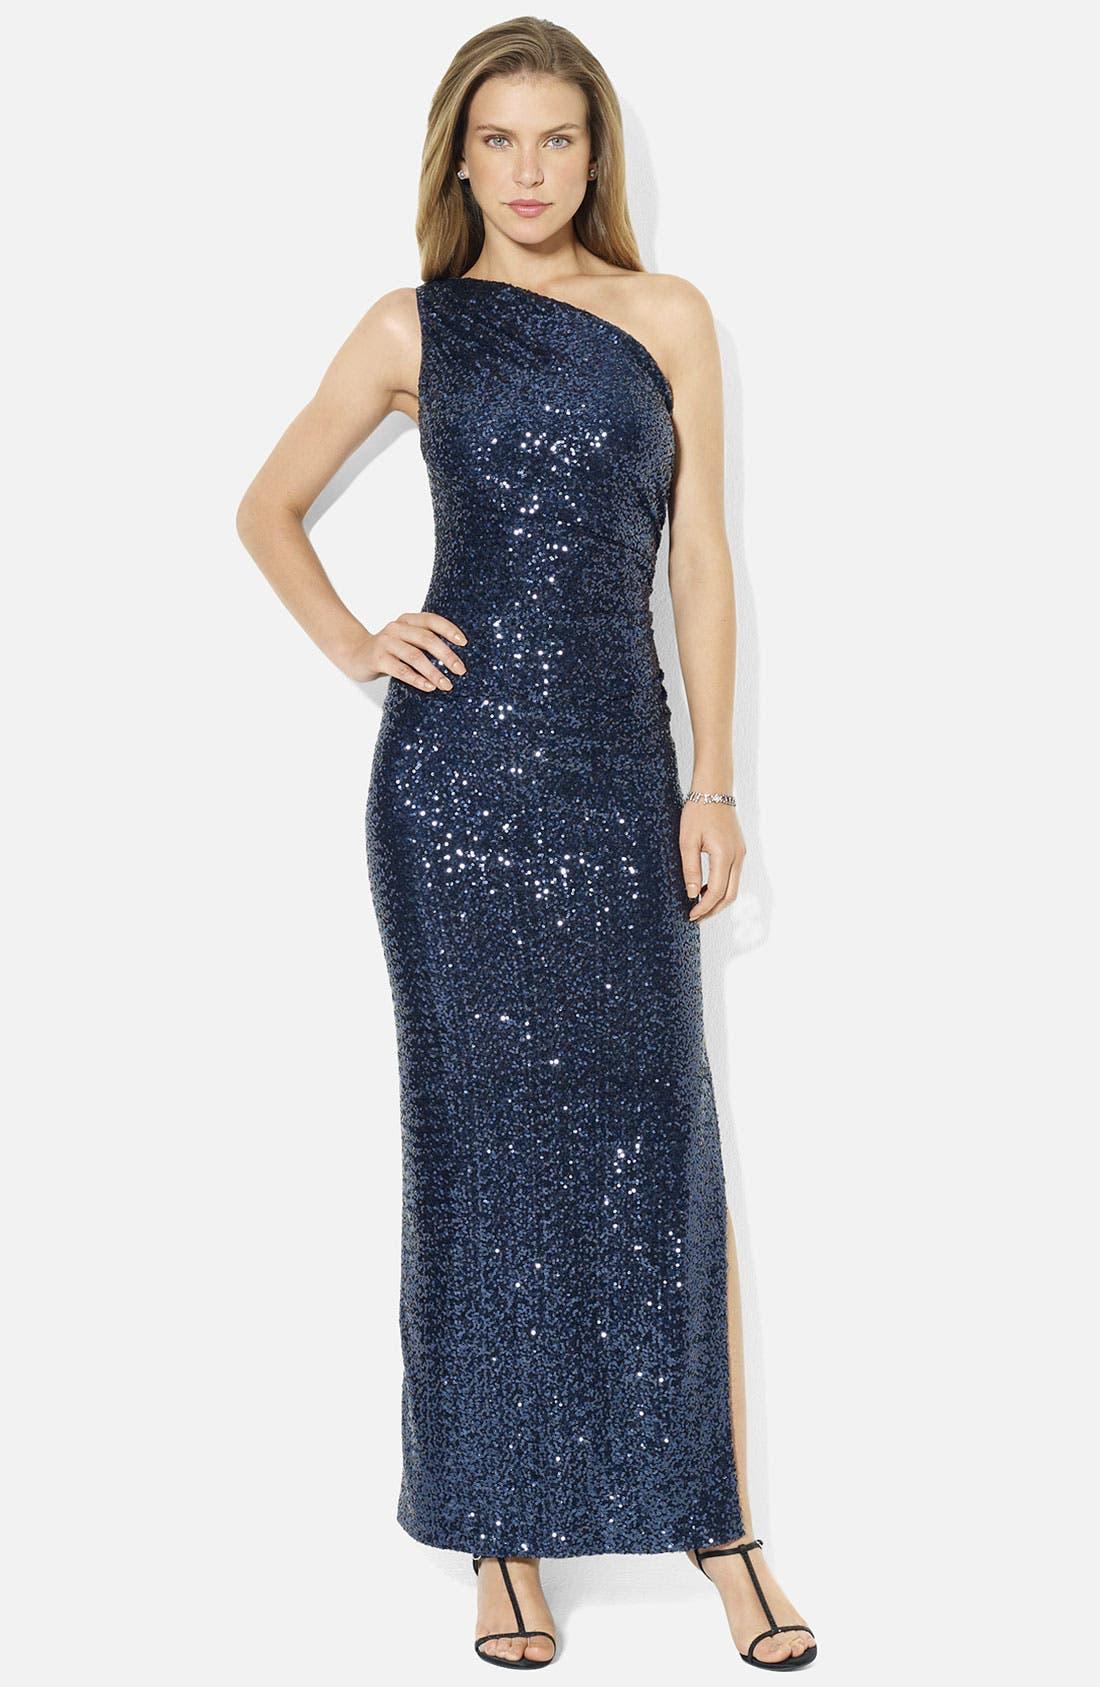 Alternate Image 1 Selected - Lauren Ralph Lauren One Shoulder Sequin Column Gown